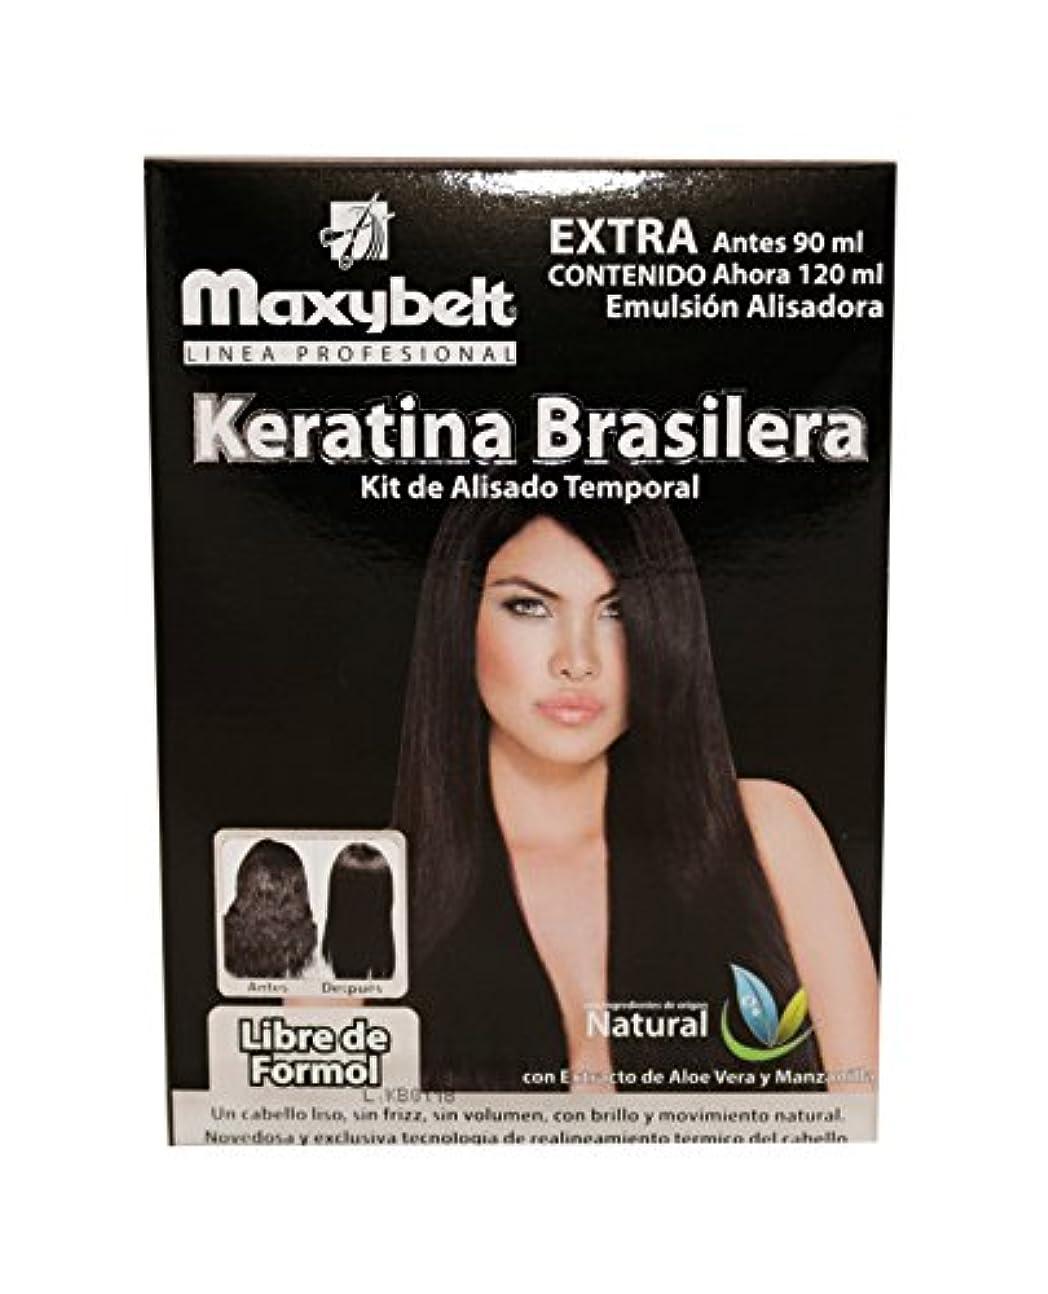 モンゴメリー急速なドレインmaxybelt Kit Keratinブラジル - 120 ml